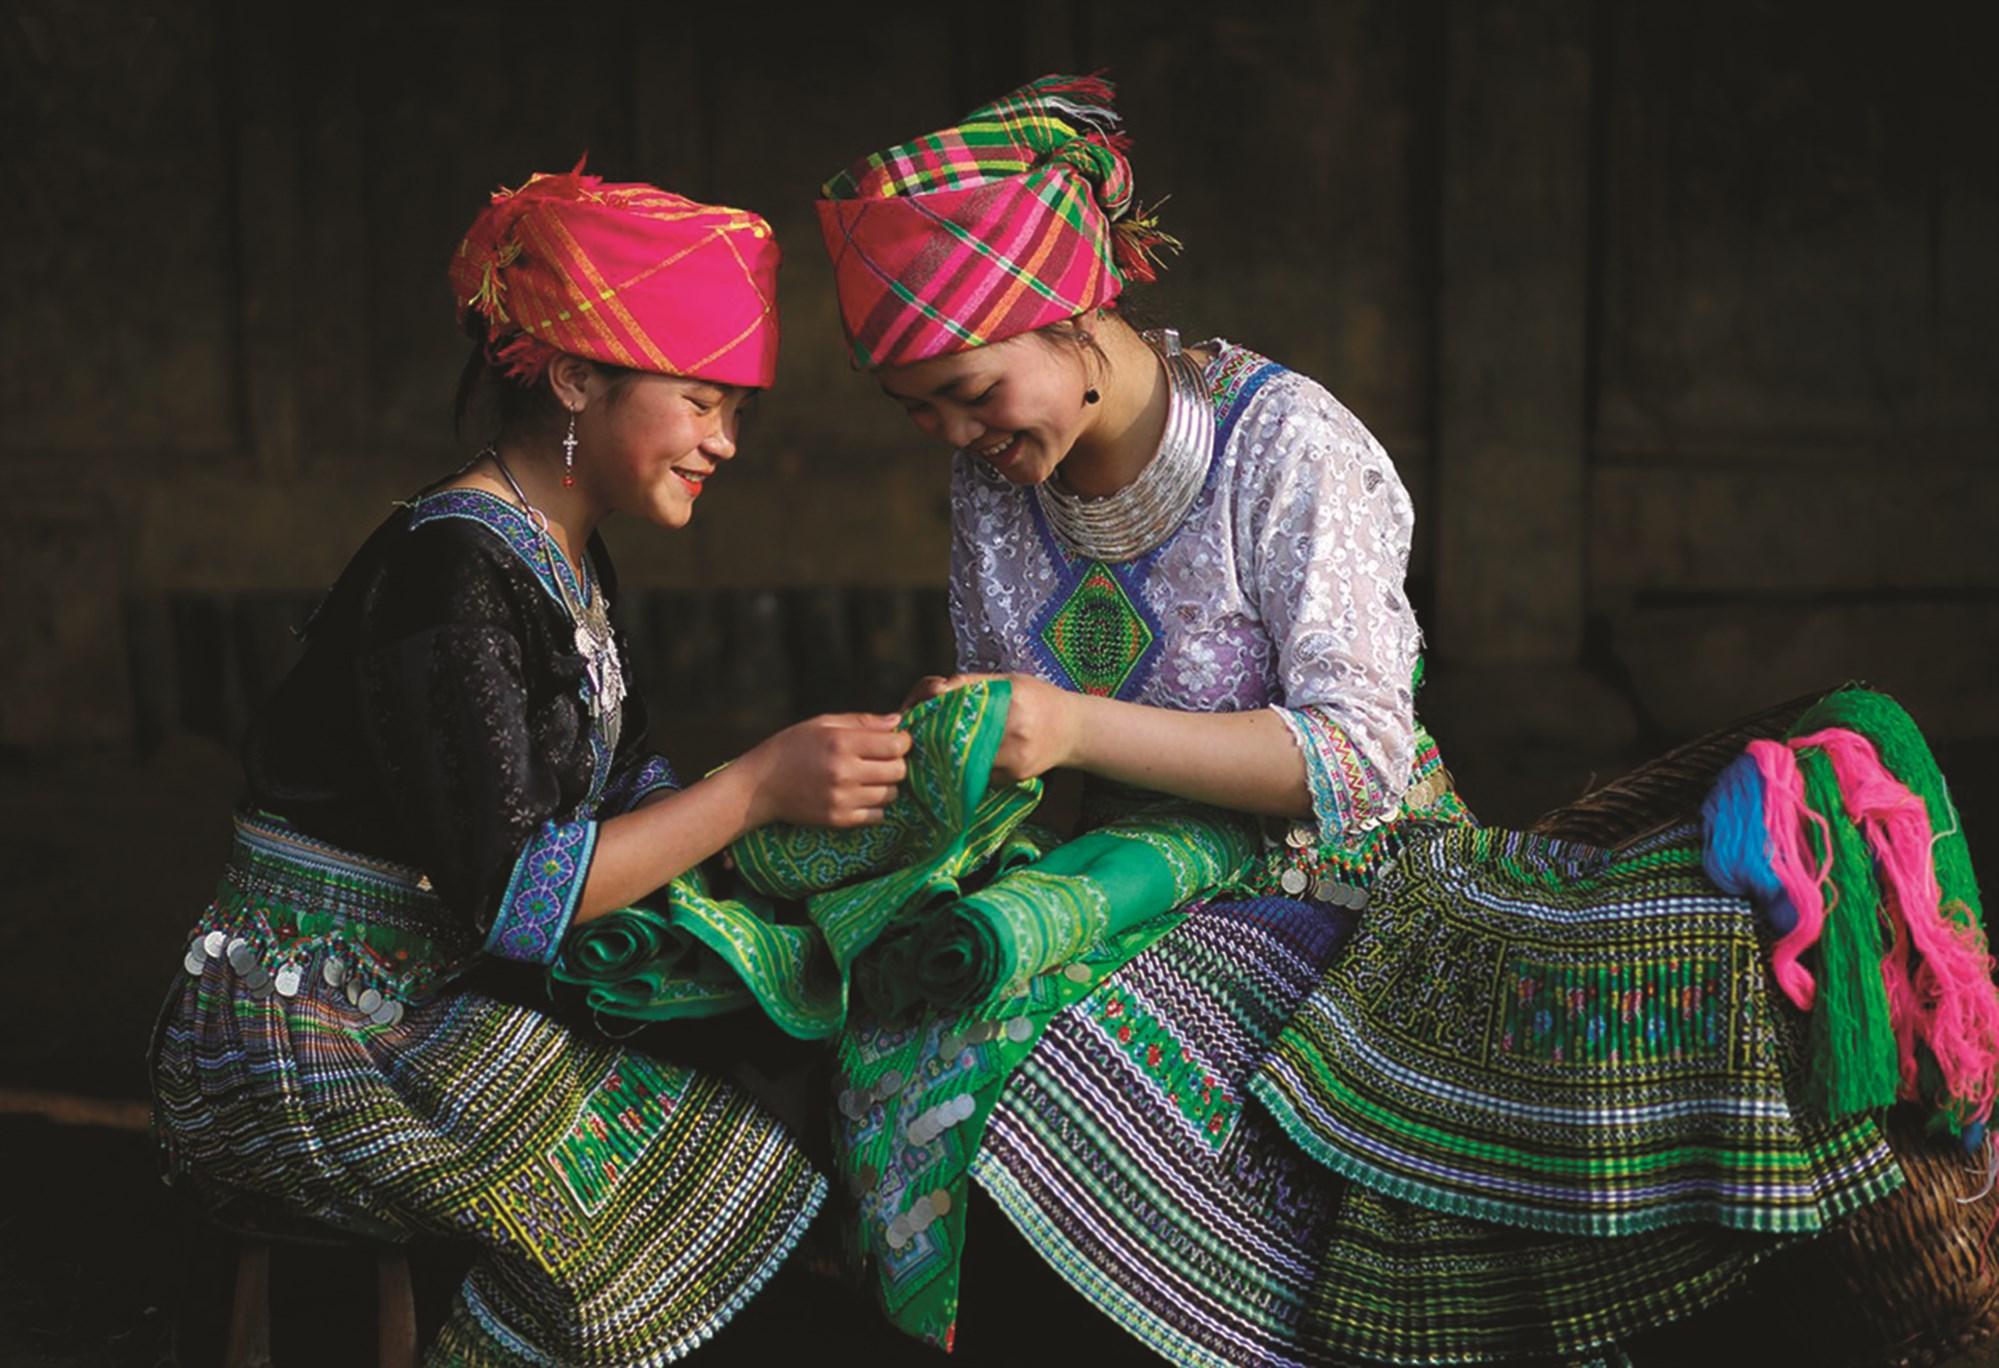 Chị em phụ nữ Mông ở Cu Vai chăm chút, kiểm tra những sản phẩm thổ cẩm